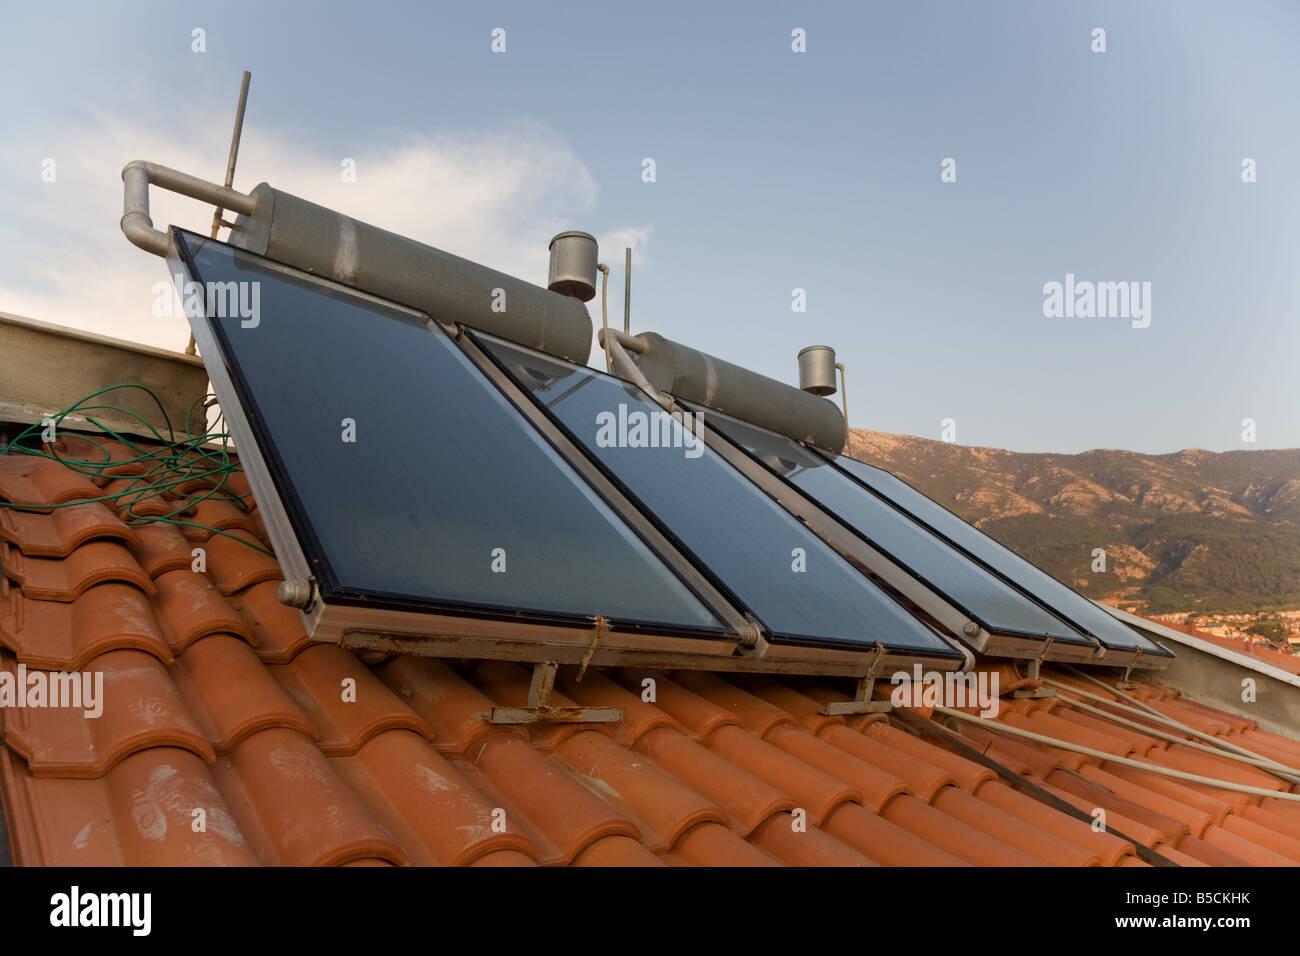 Solar panels, renewable energy on terracotta roof tiles in Hisaronu, near  Fethiye Turkey